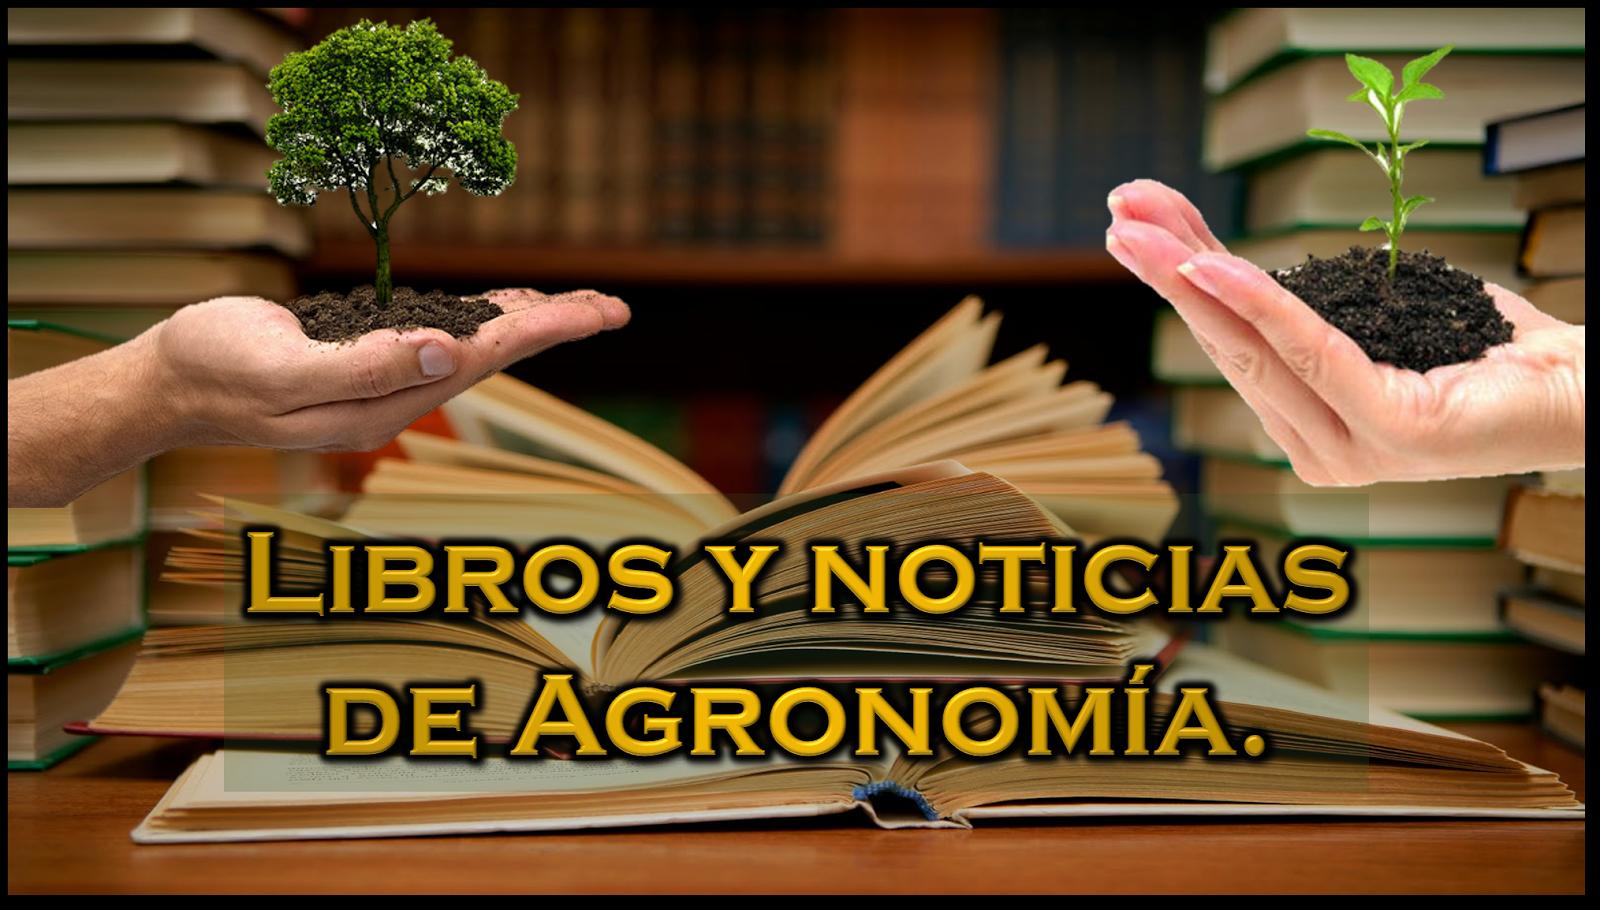 Libros y Noticias de Agronomia